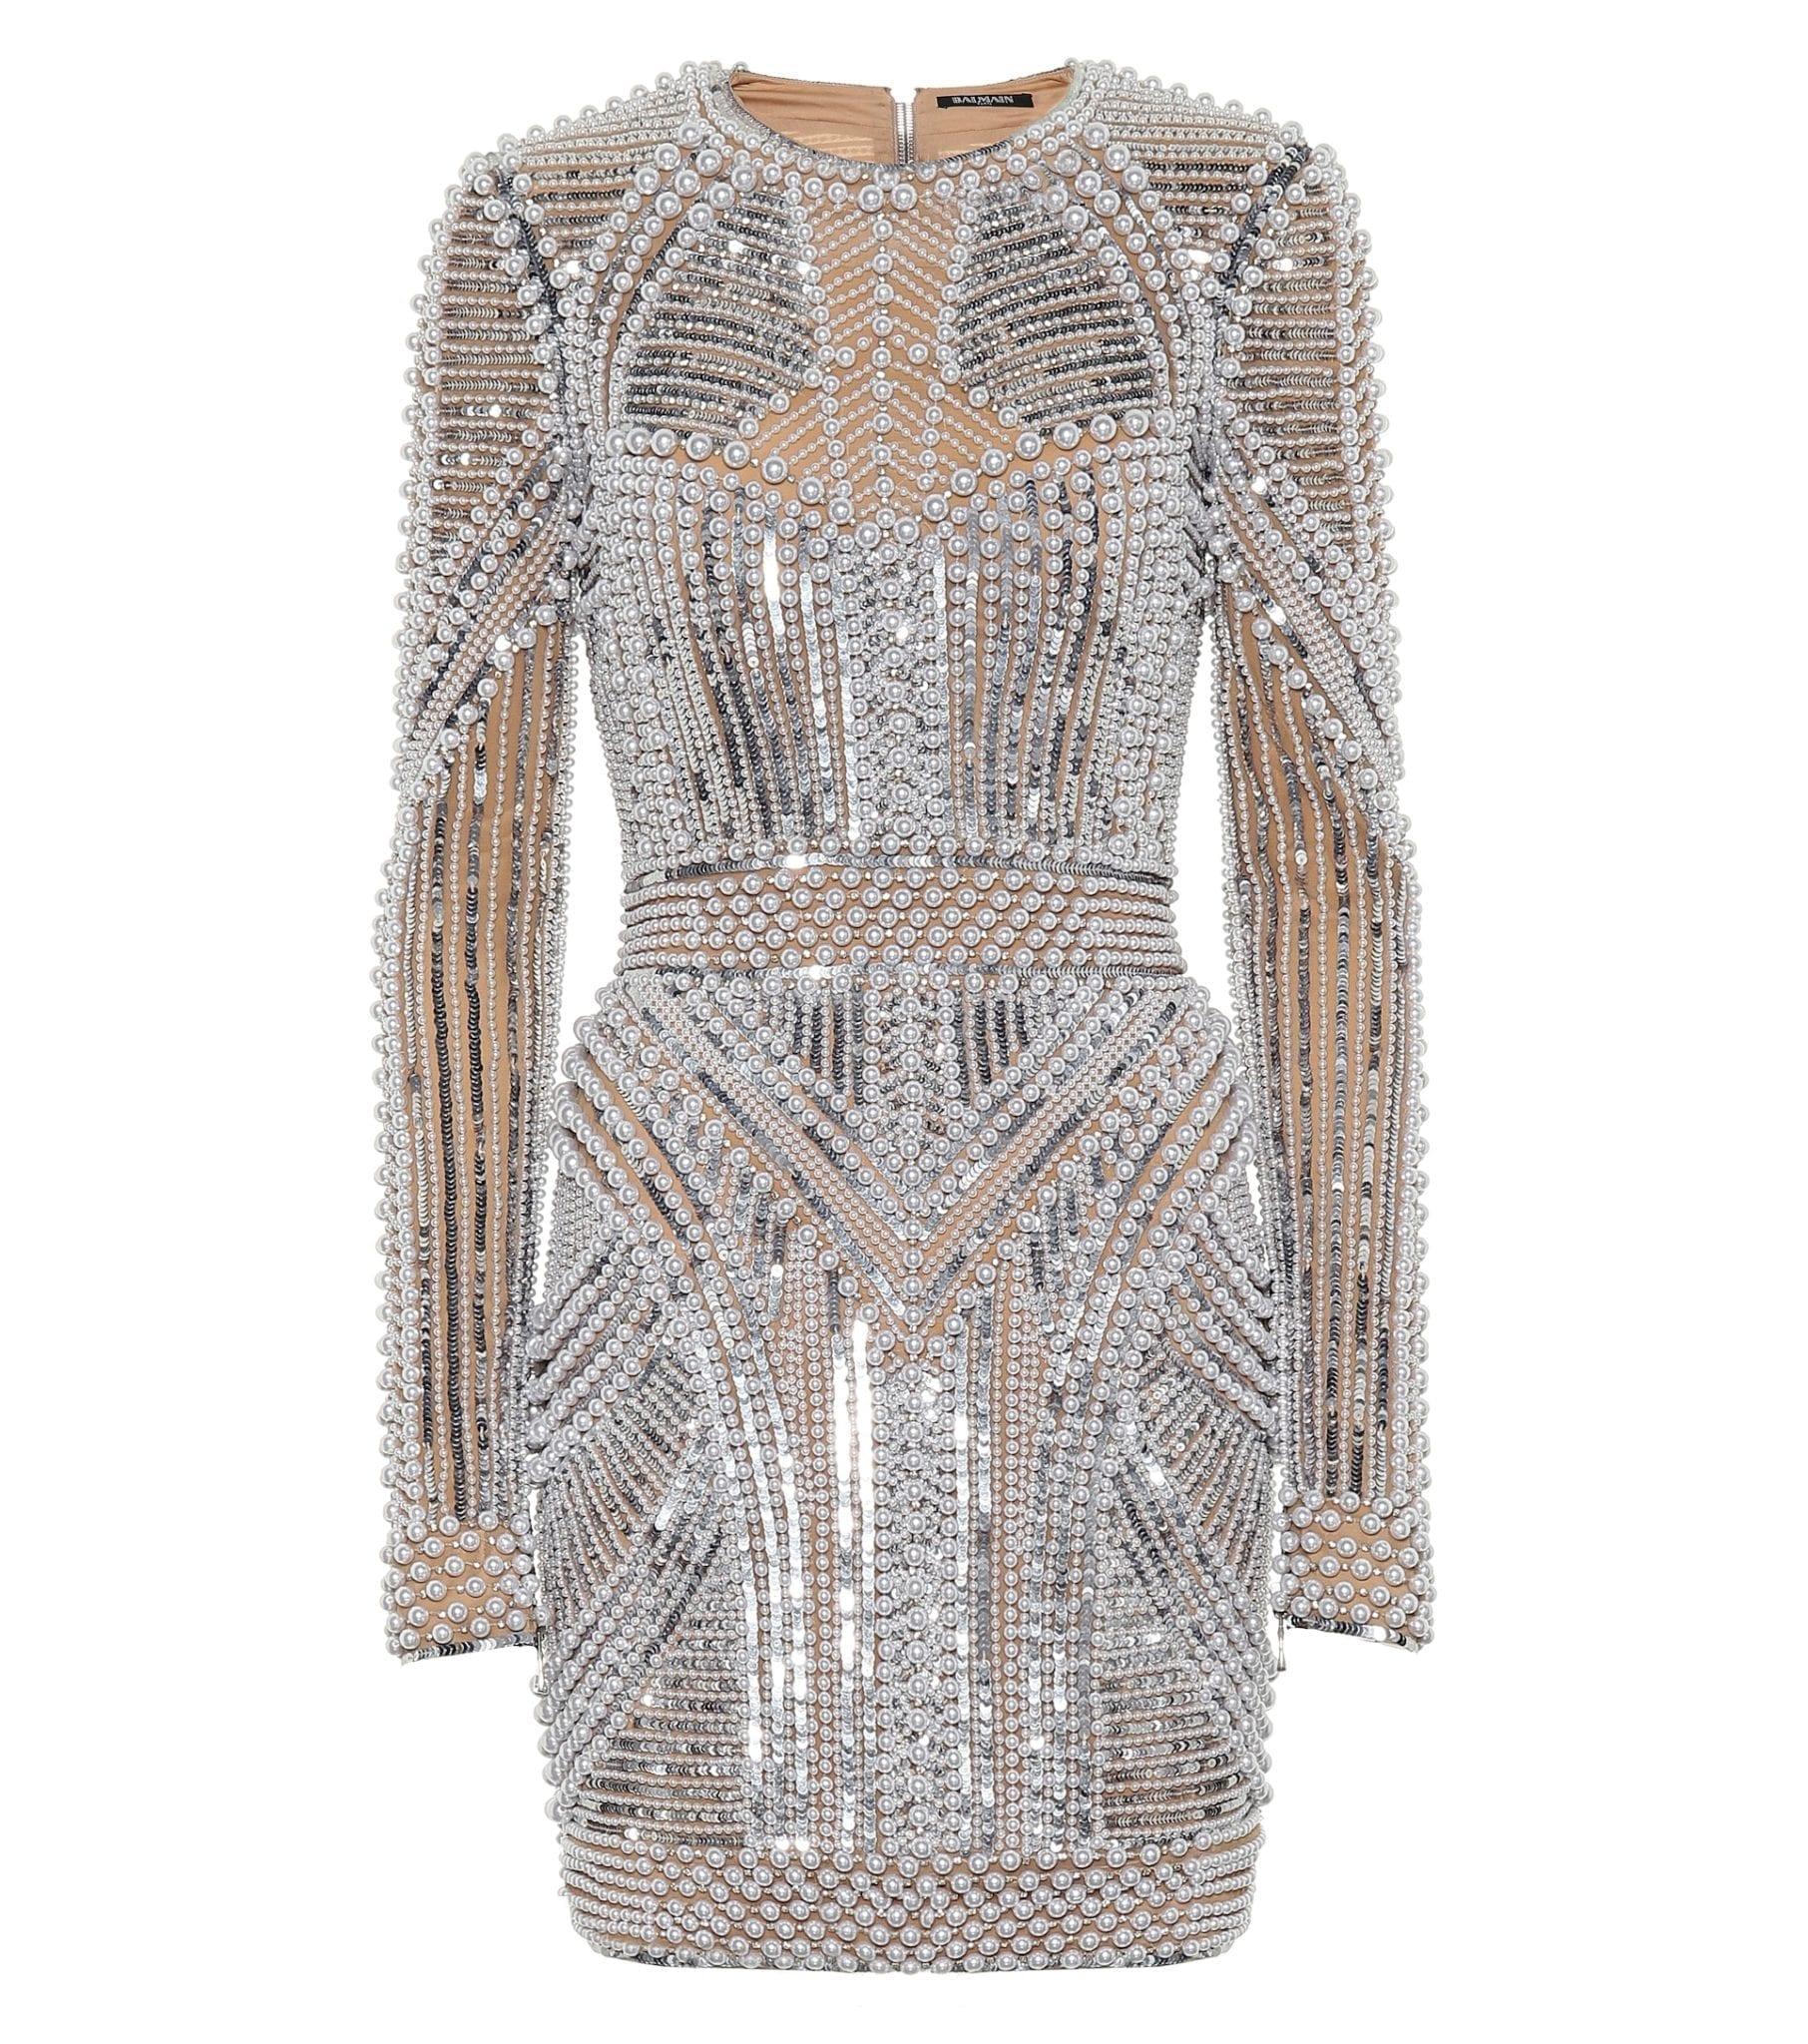 BALMAIN Embellished Mini Beige Dress